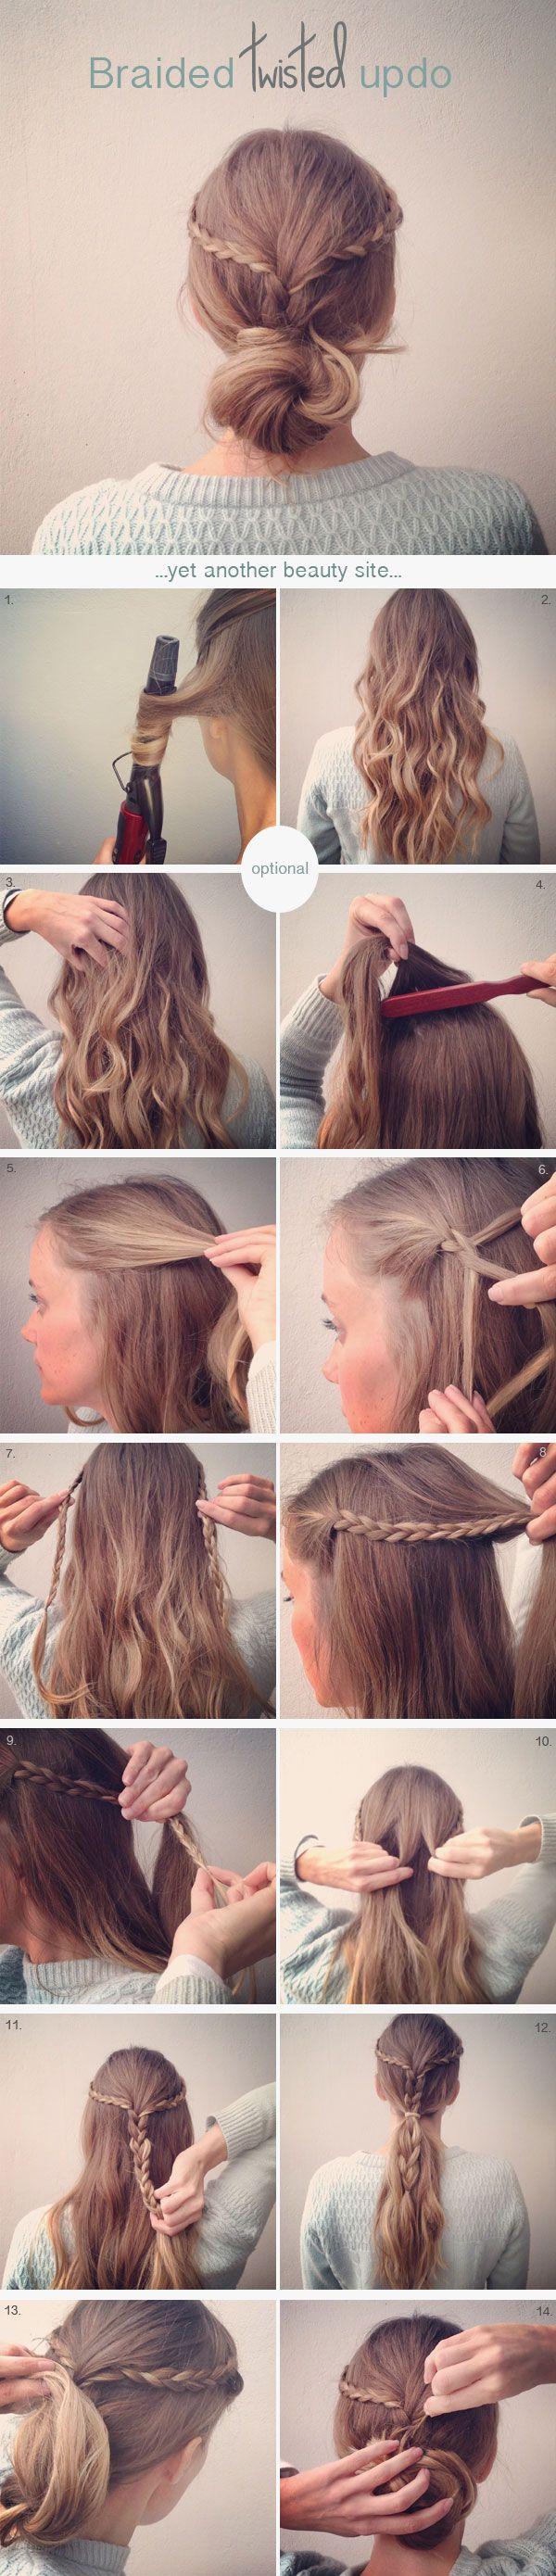 örgülü saç modelleri ve yapılışları (5)